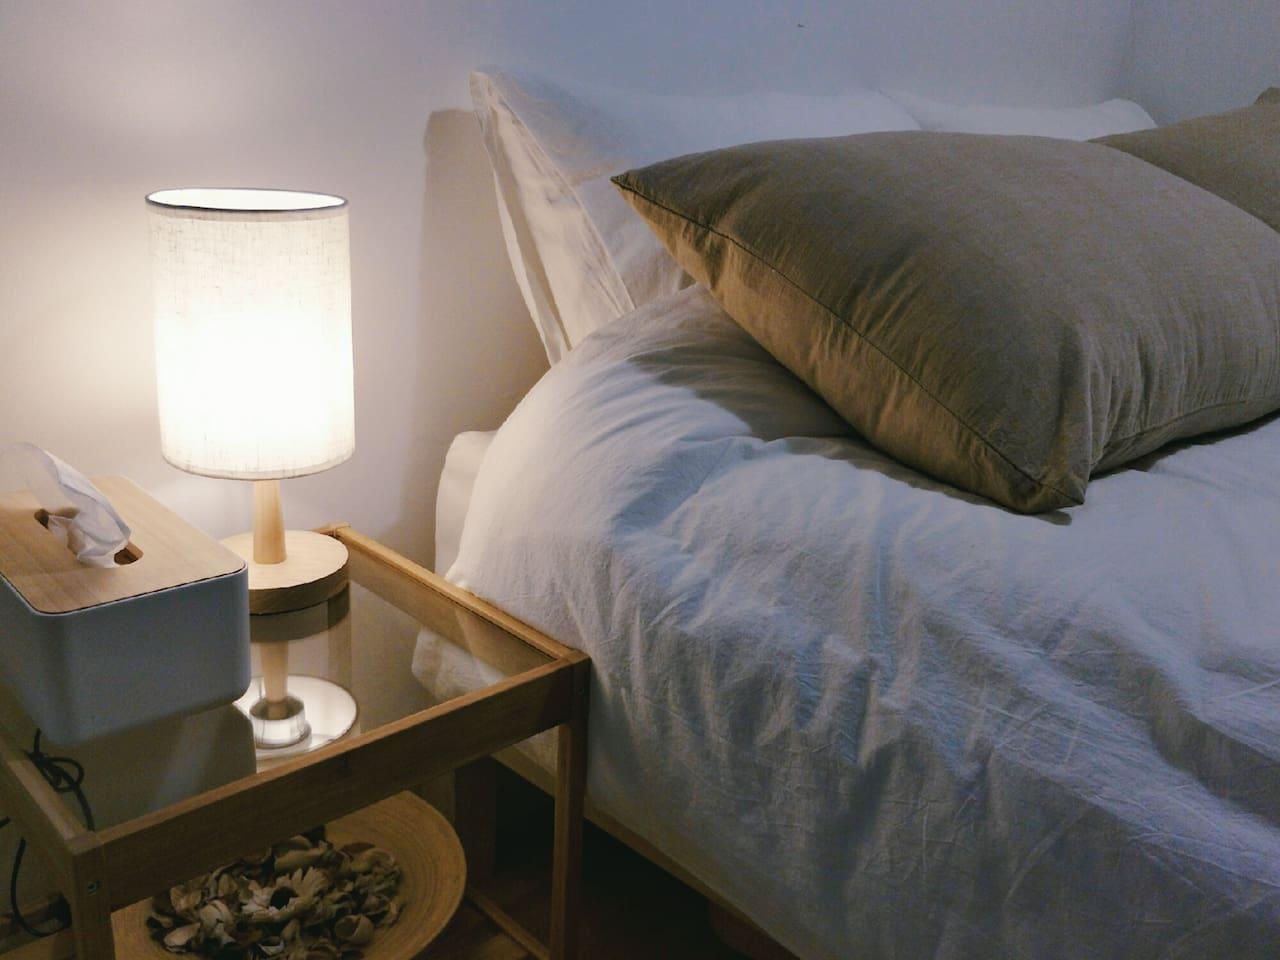 温馨木质小台灯,暖暖的灯光,怕黑的你不妨让它伴你入眠~